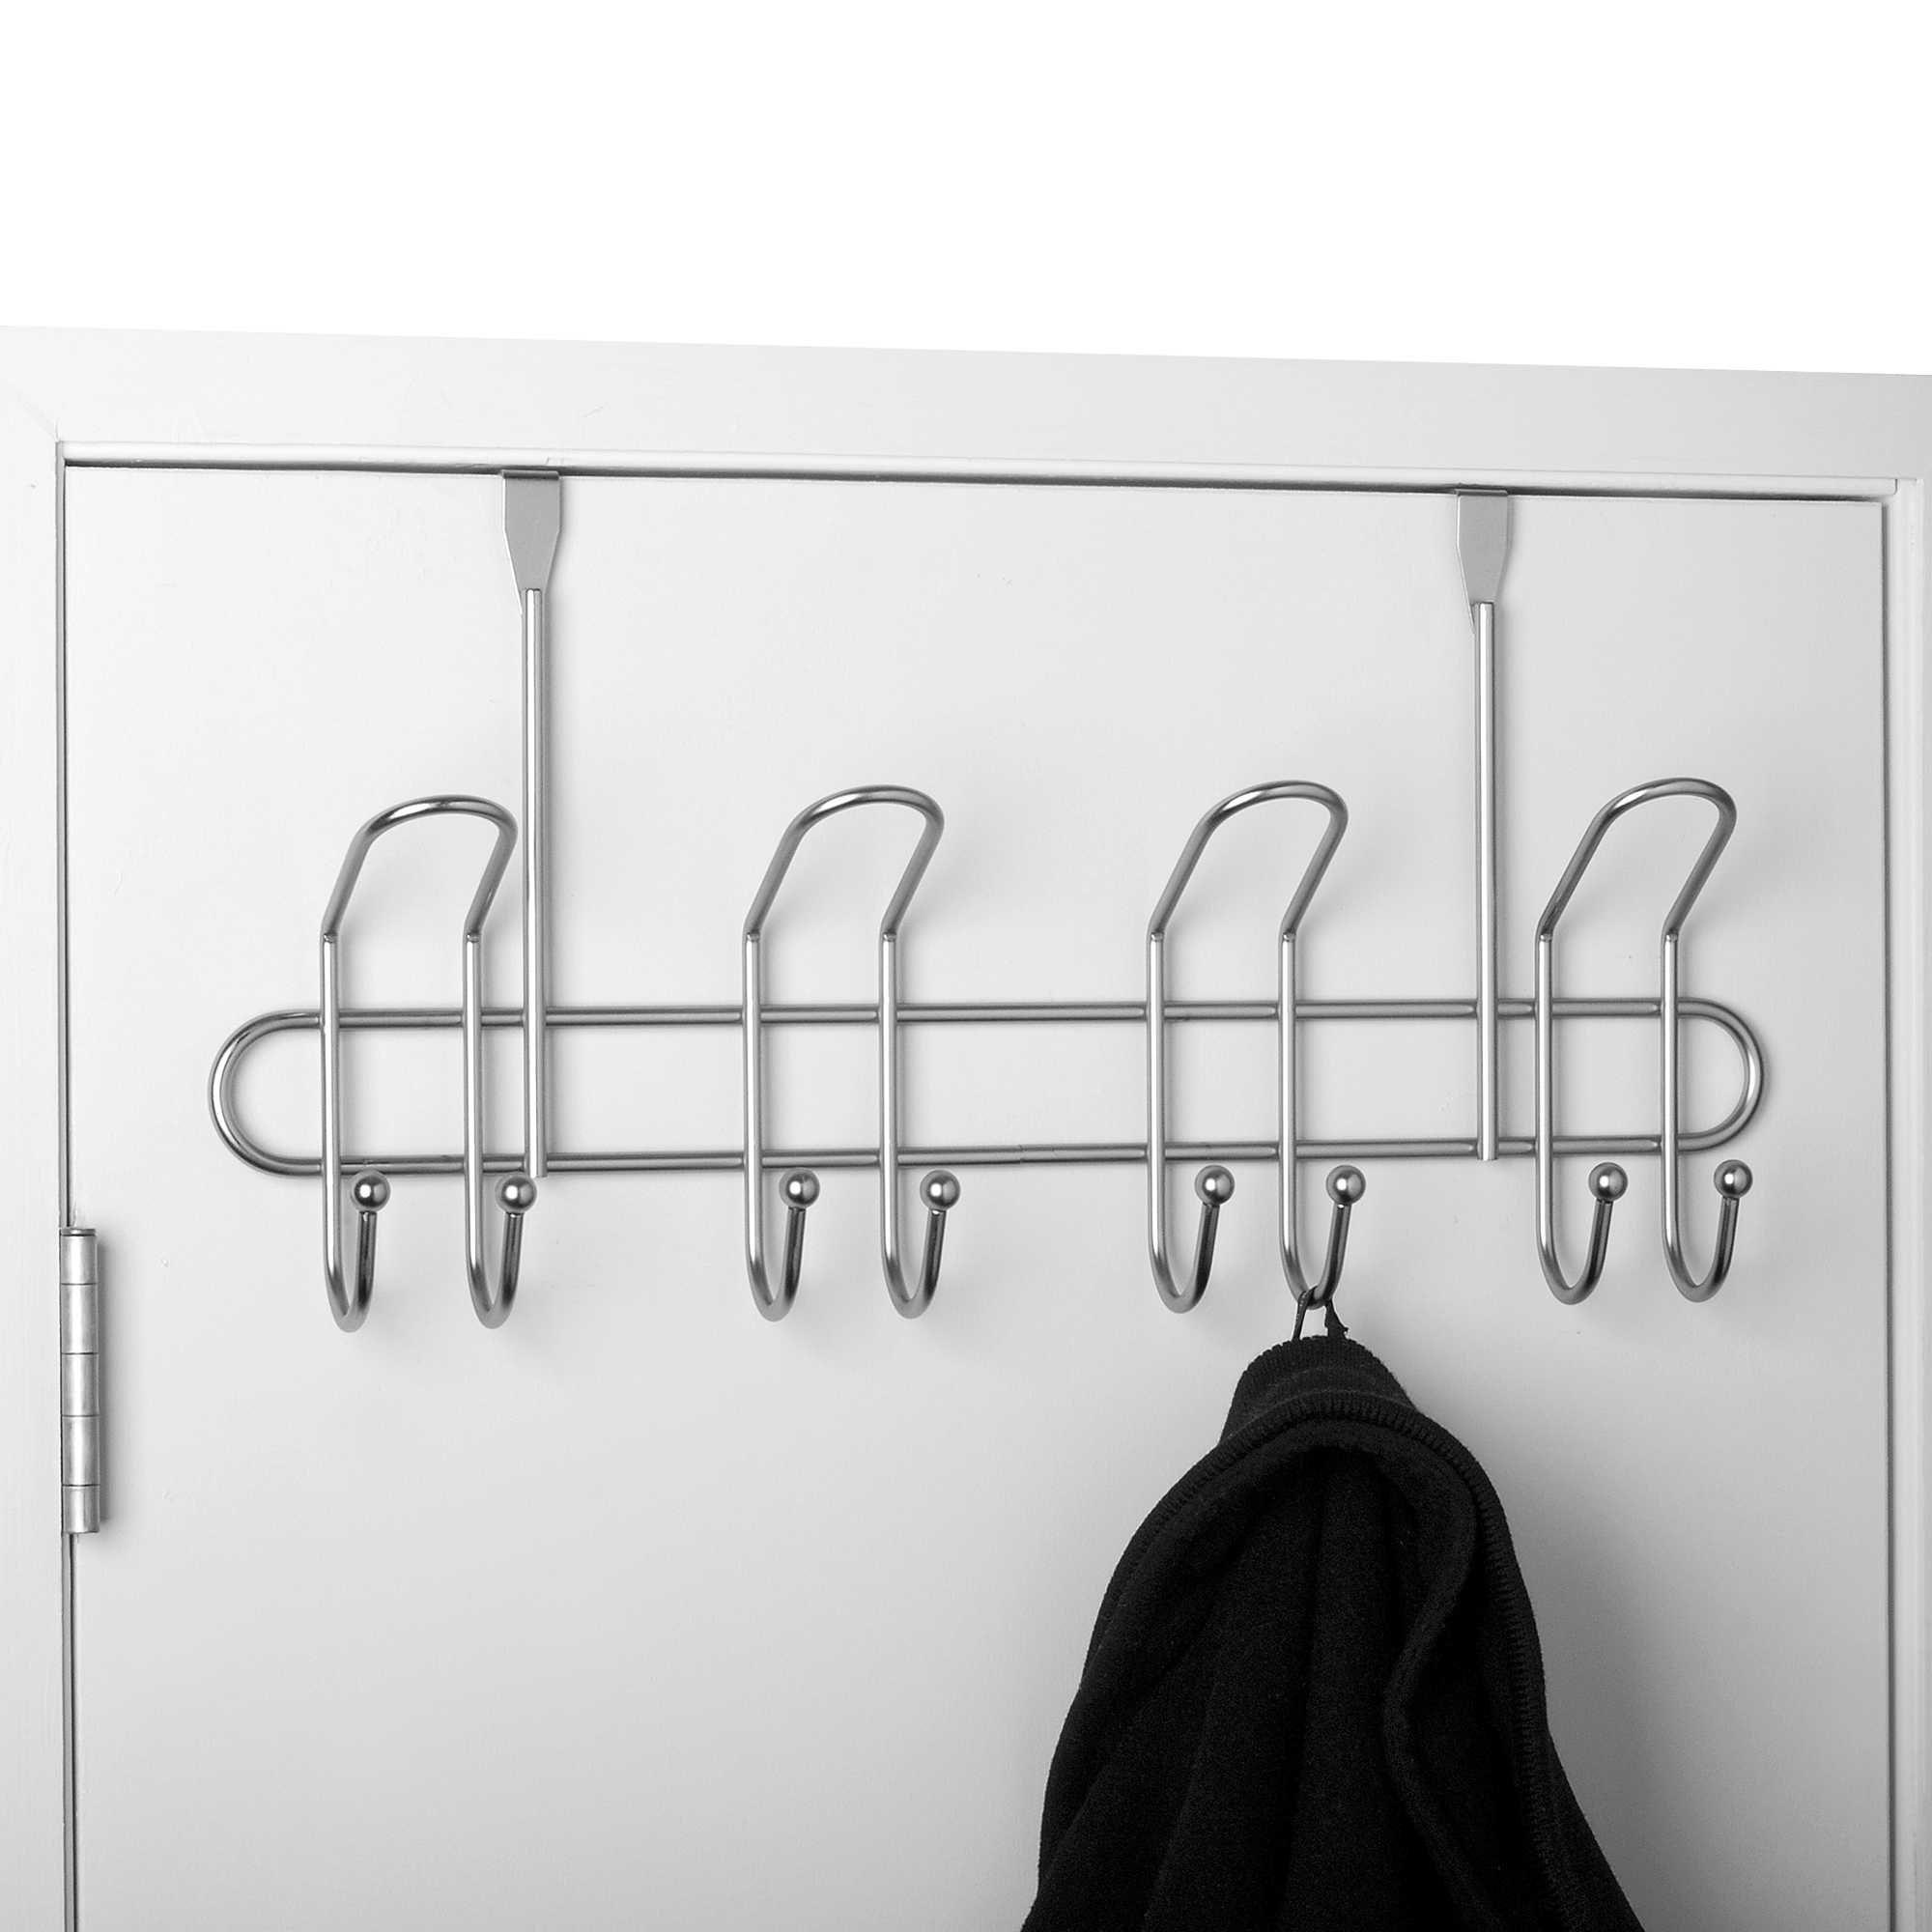 Bedbathbeyond Heavy Duty Over Door Rack